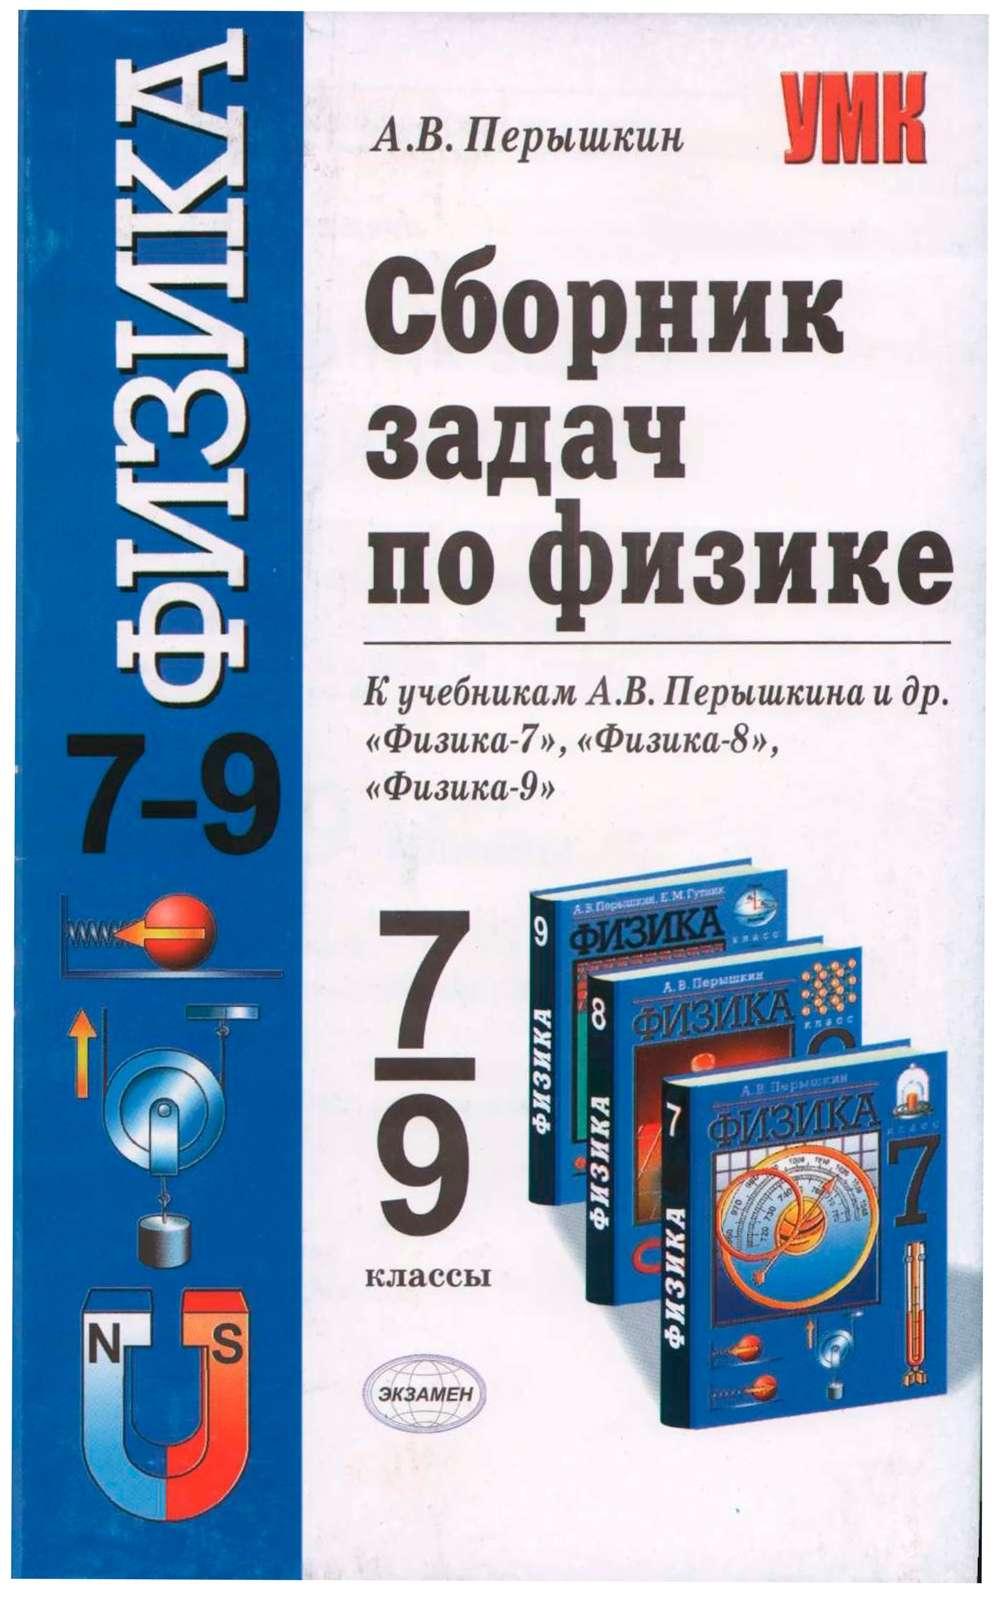 ГДЗ к Сборнику задач по физике за 7-9 классы к учебникам А.В. Перышкина